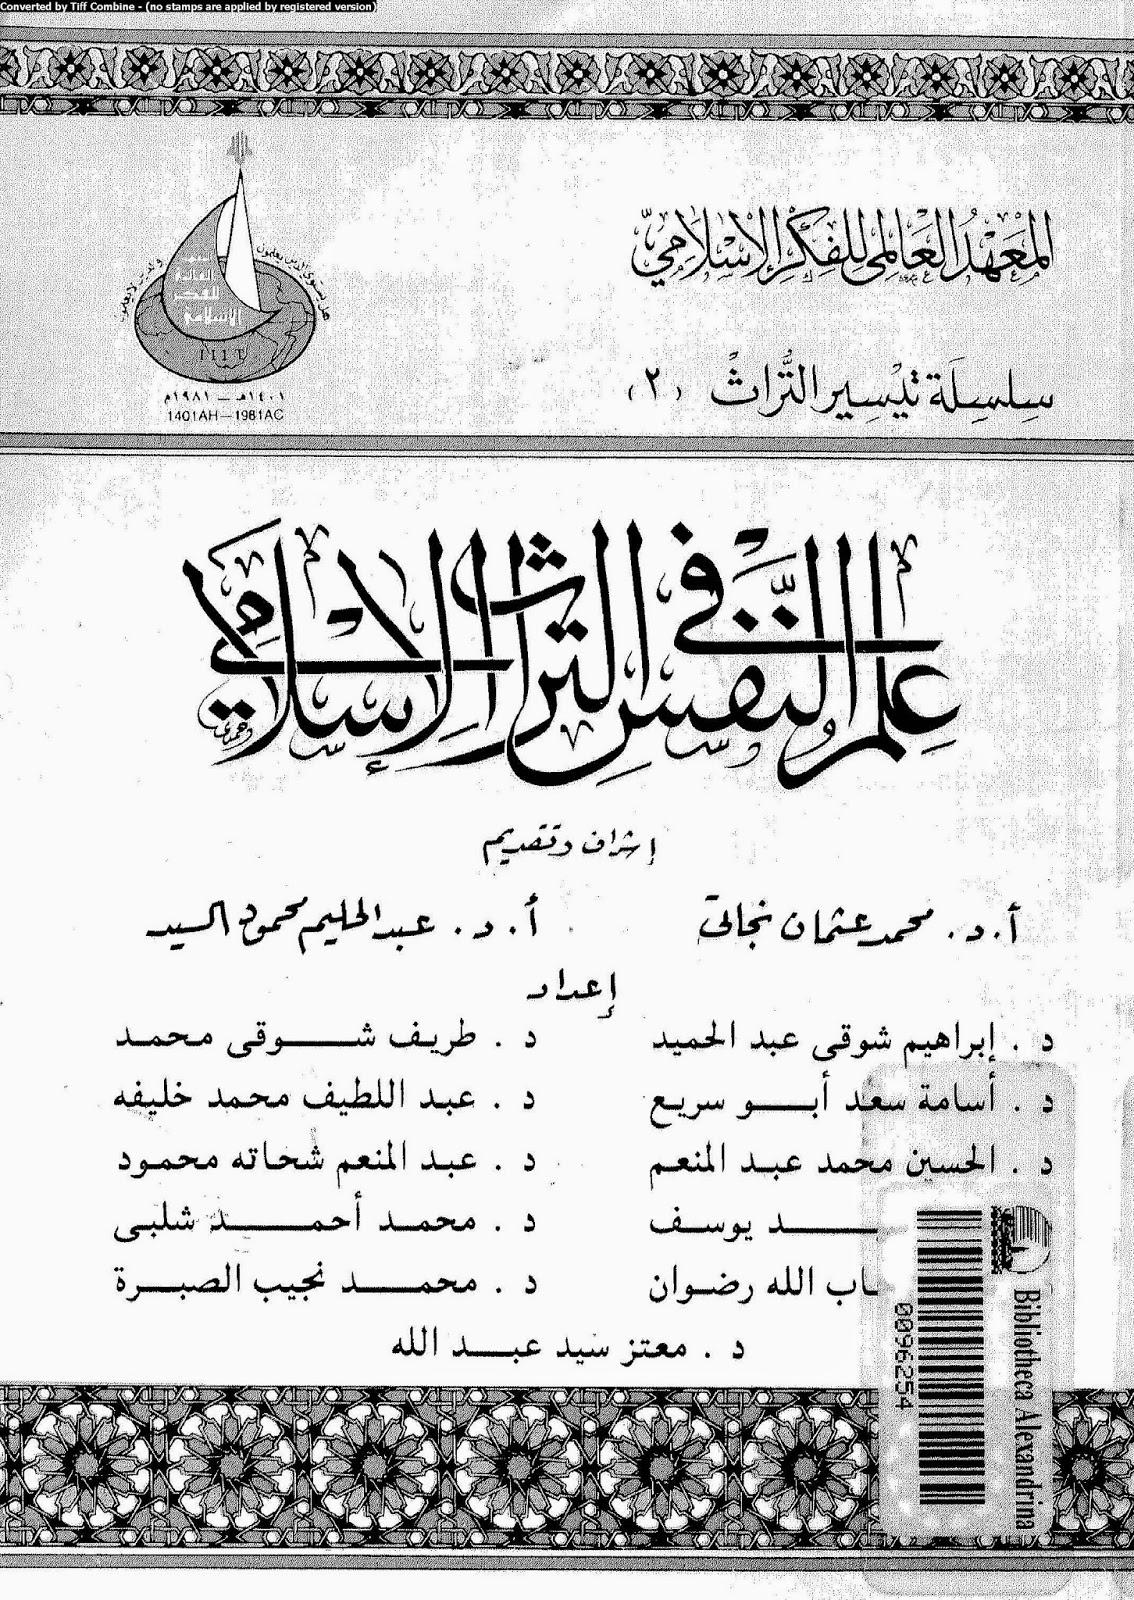 كتاب علم النفس في التراث الإسلامي لـ مجموعة من الكتاب